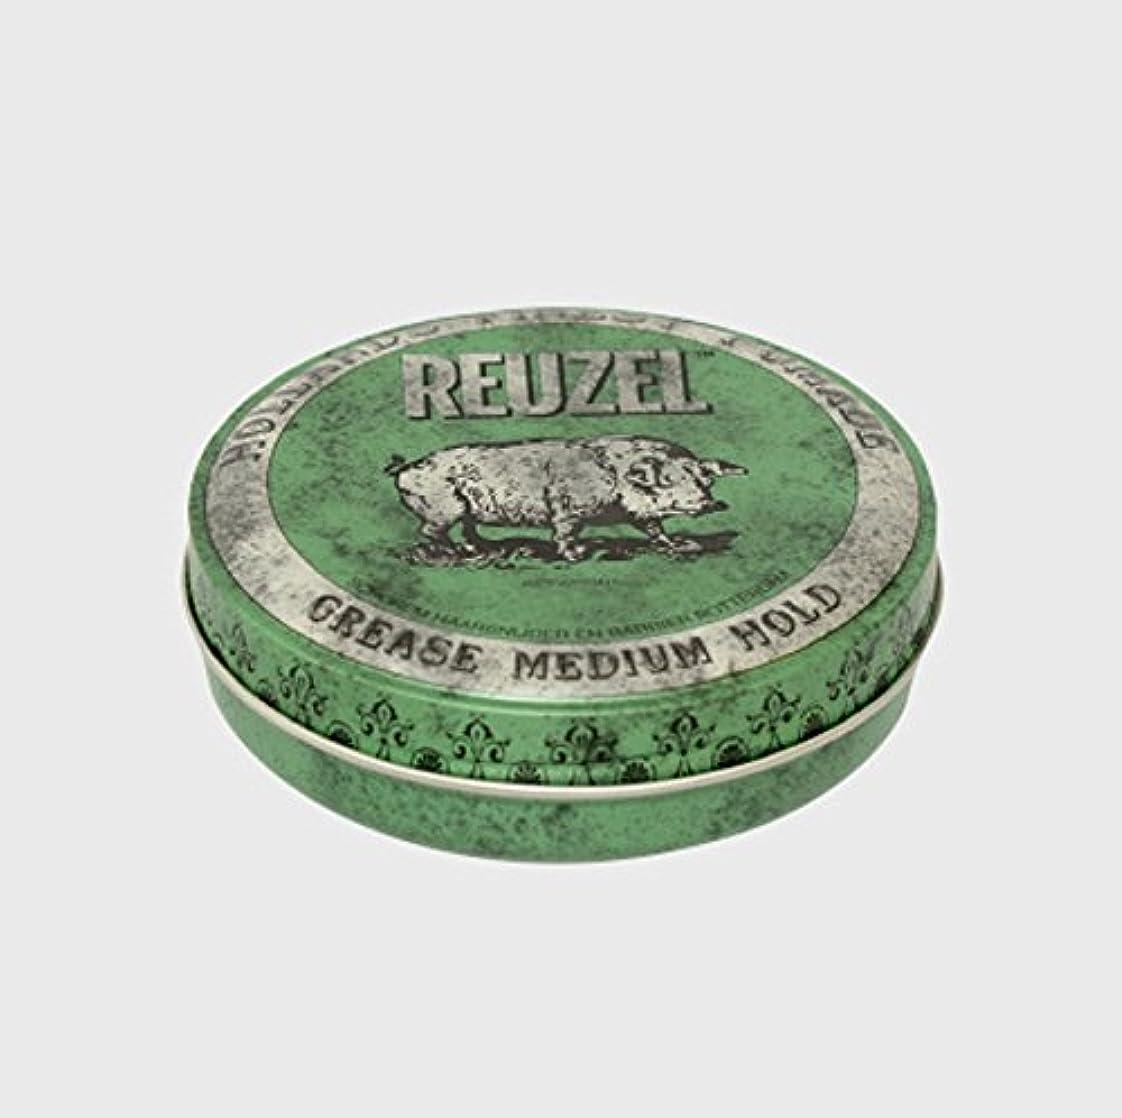 ありがたい比類のない介入するルーゾー ポマード ミディアムホールド グリーン Small(35g)